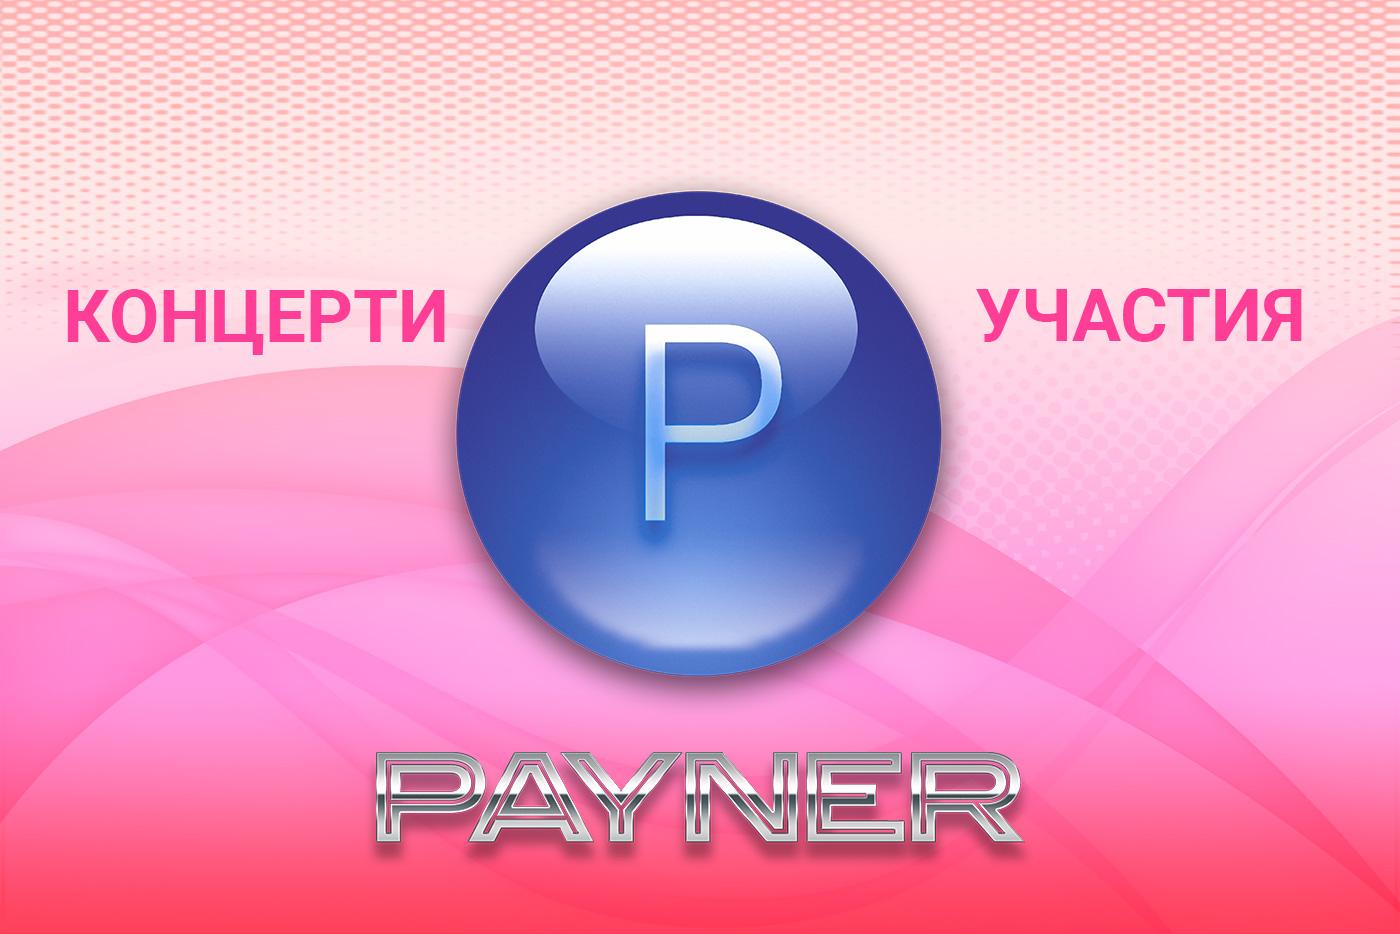 """Участия на звездите на """"Пайнер"""" на 26.03.2019"""